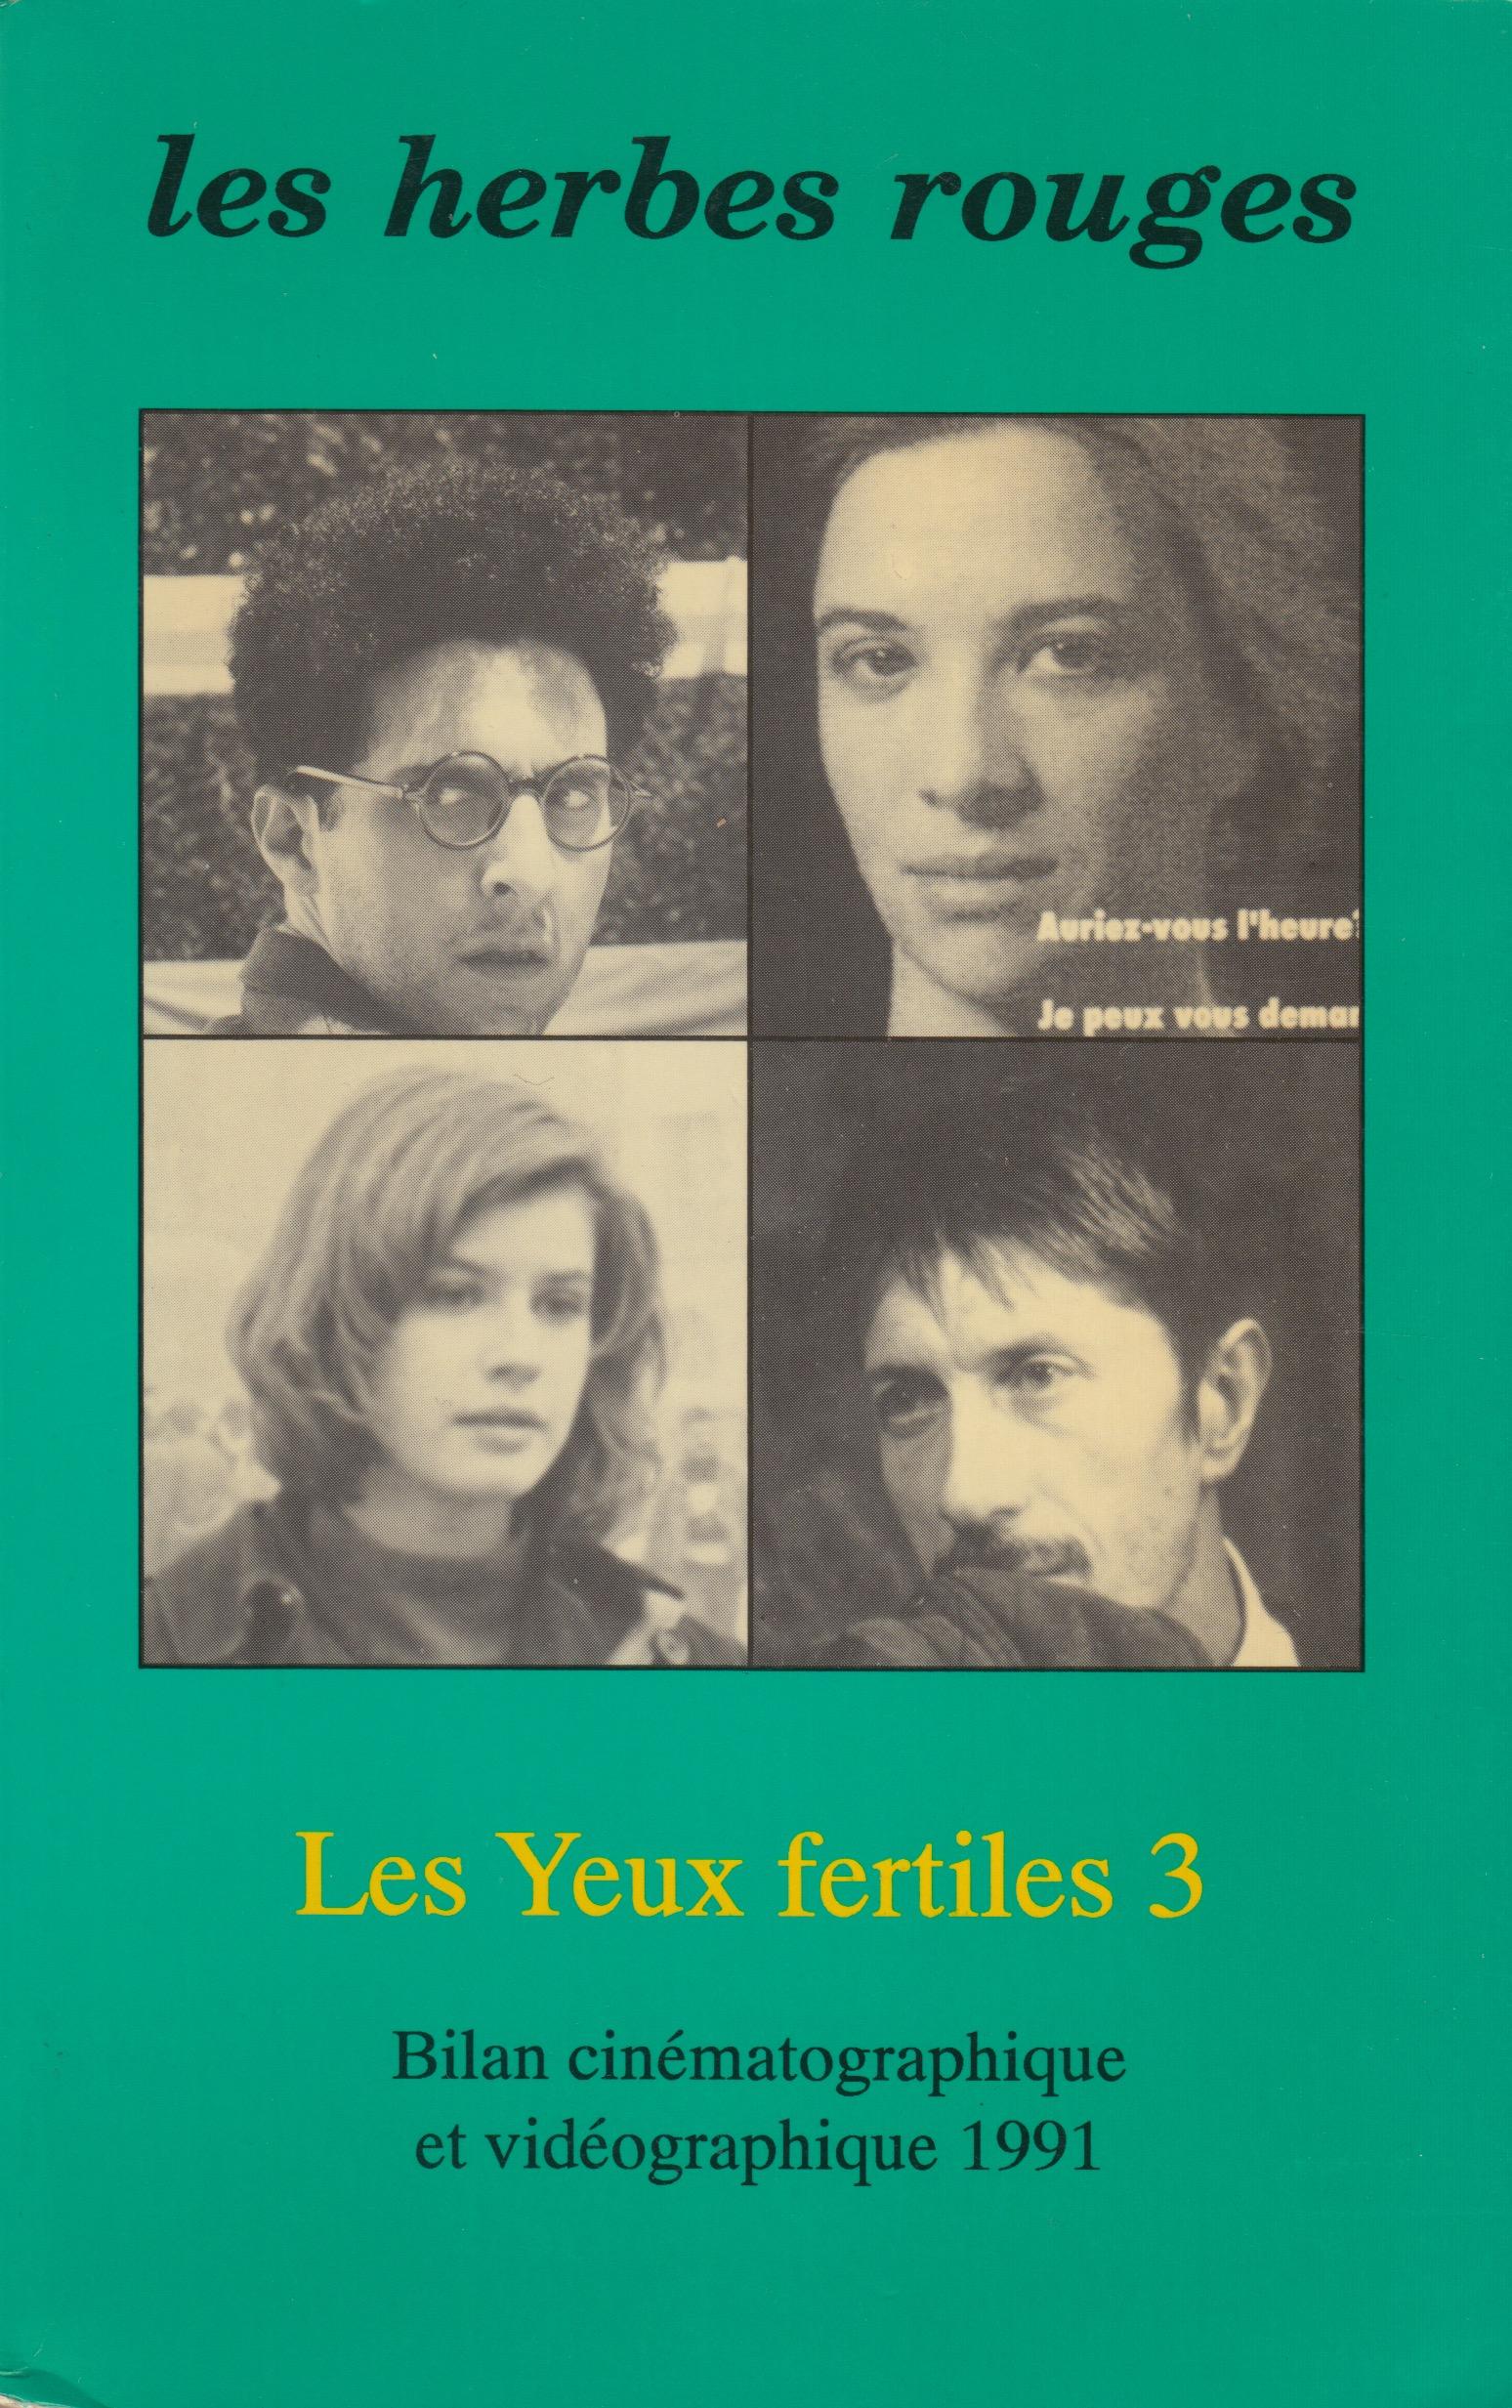 Traces d'une année, 1991